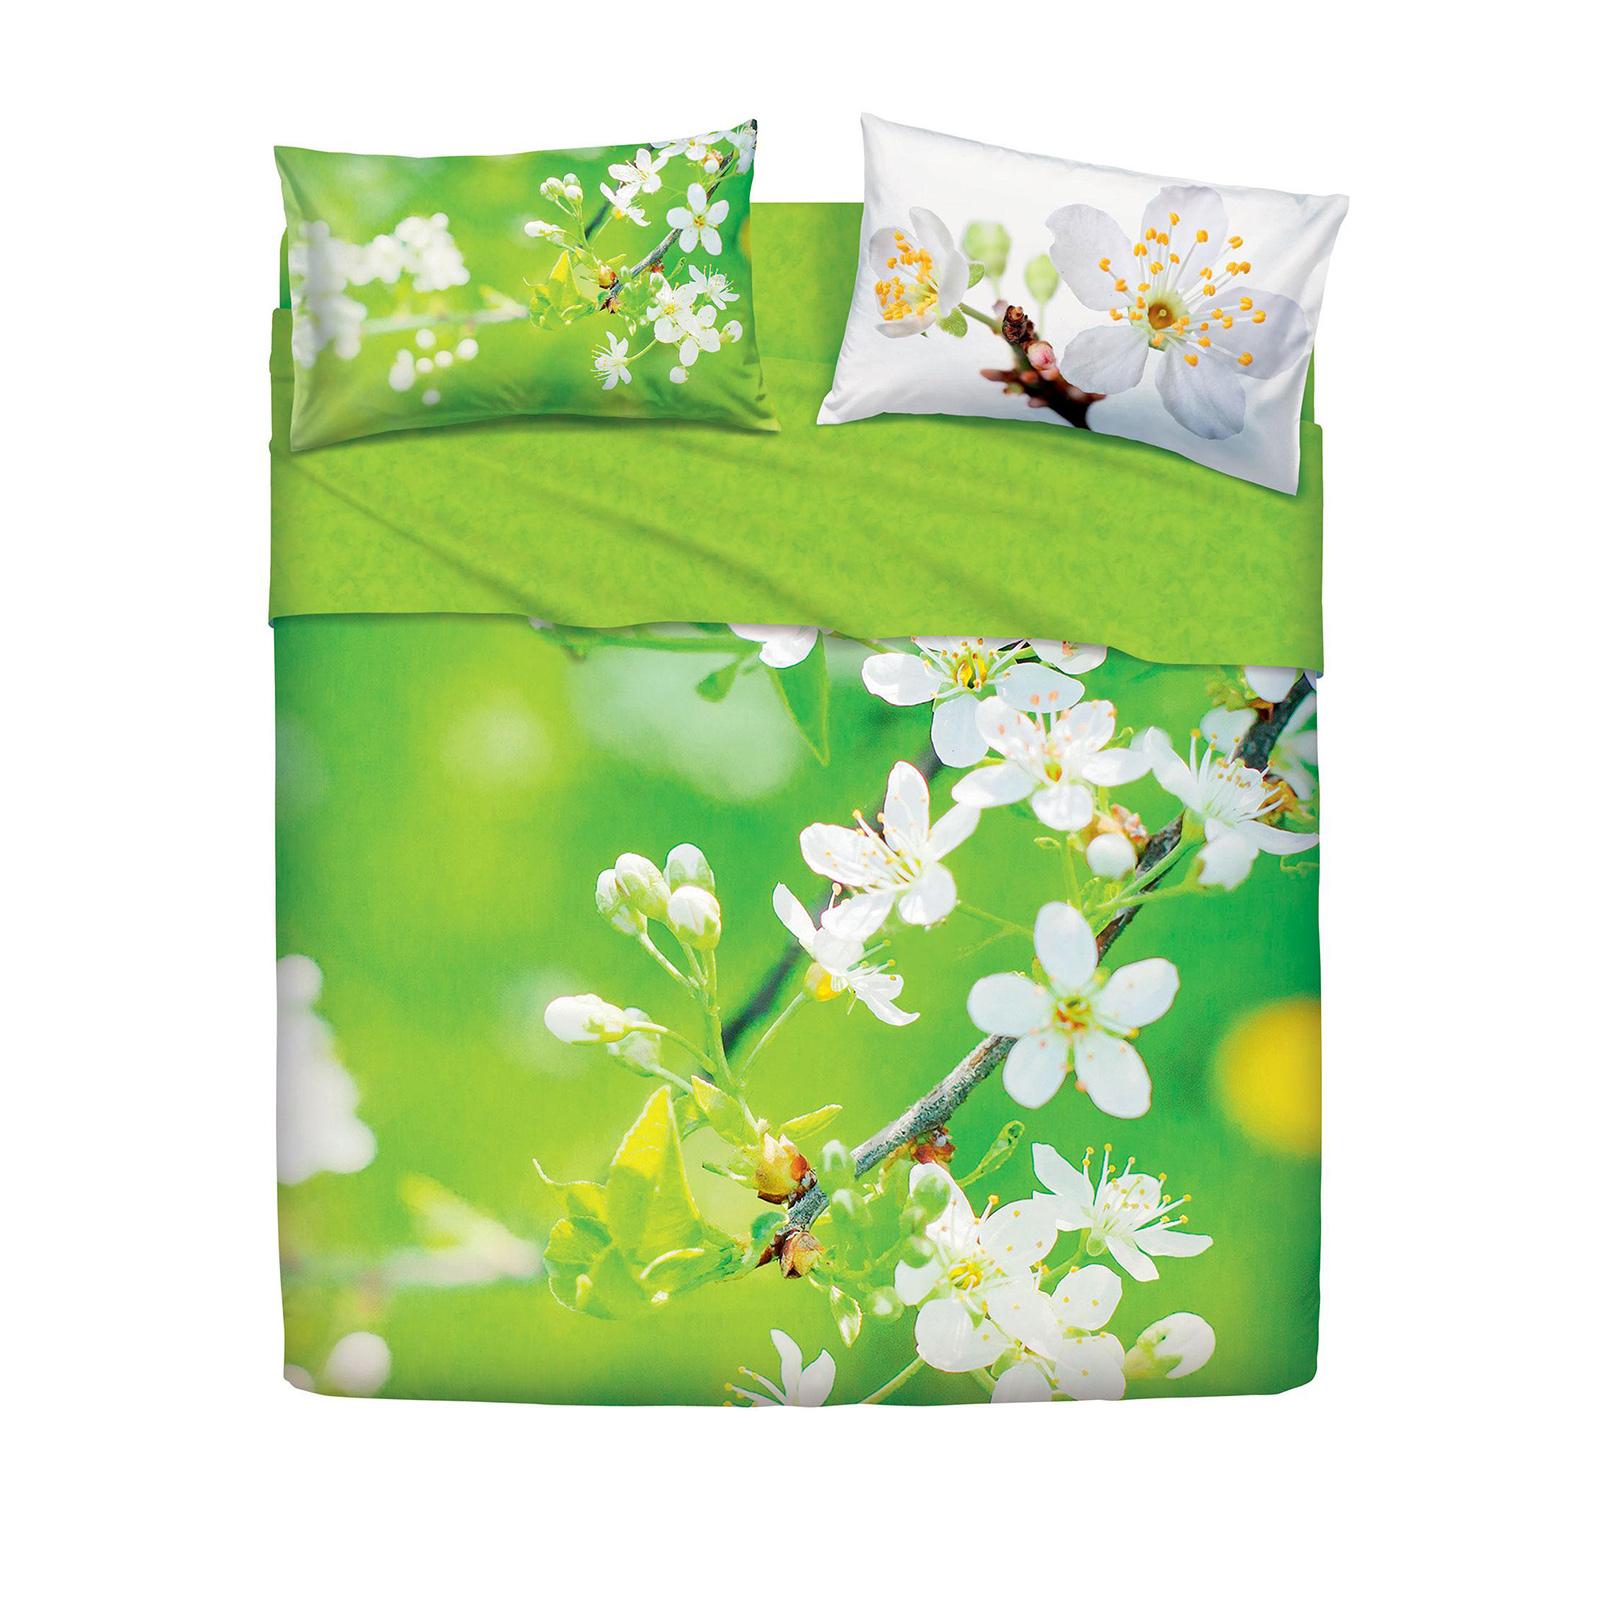 cb0047d253 Bassetti - Completo letto Cherry Flower Imagine - Di Stefano ...